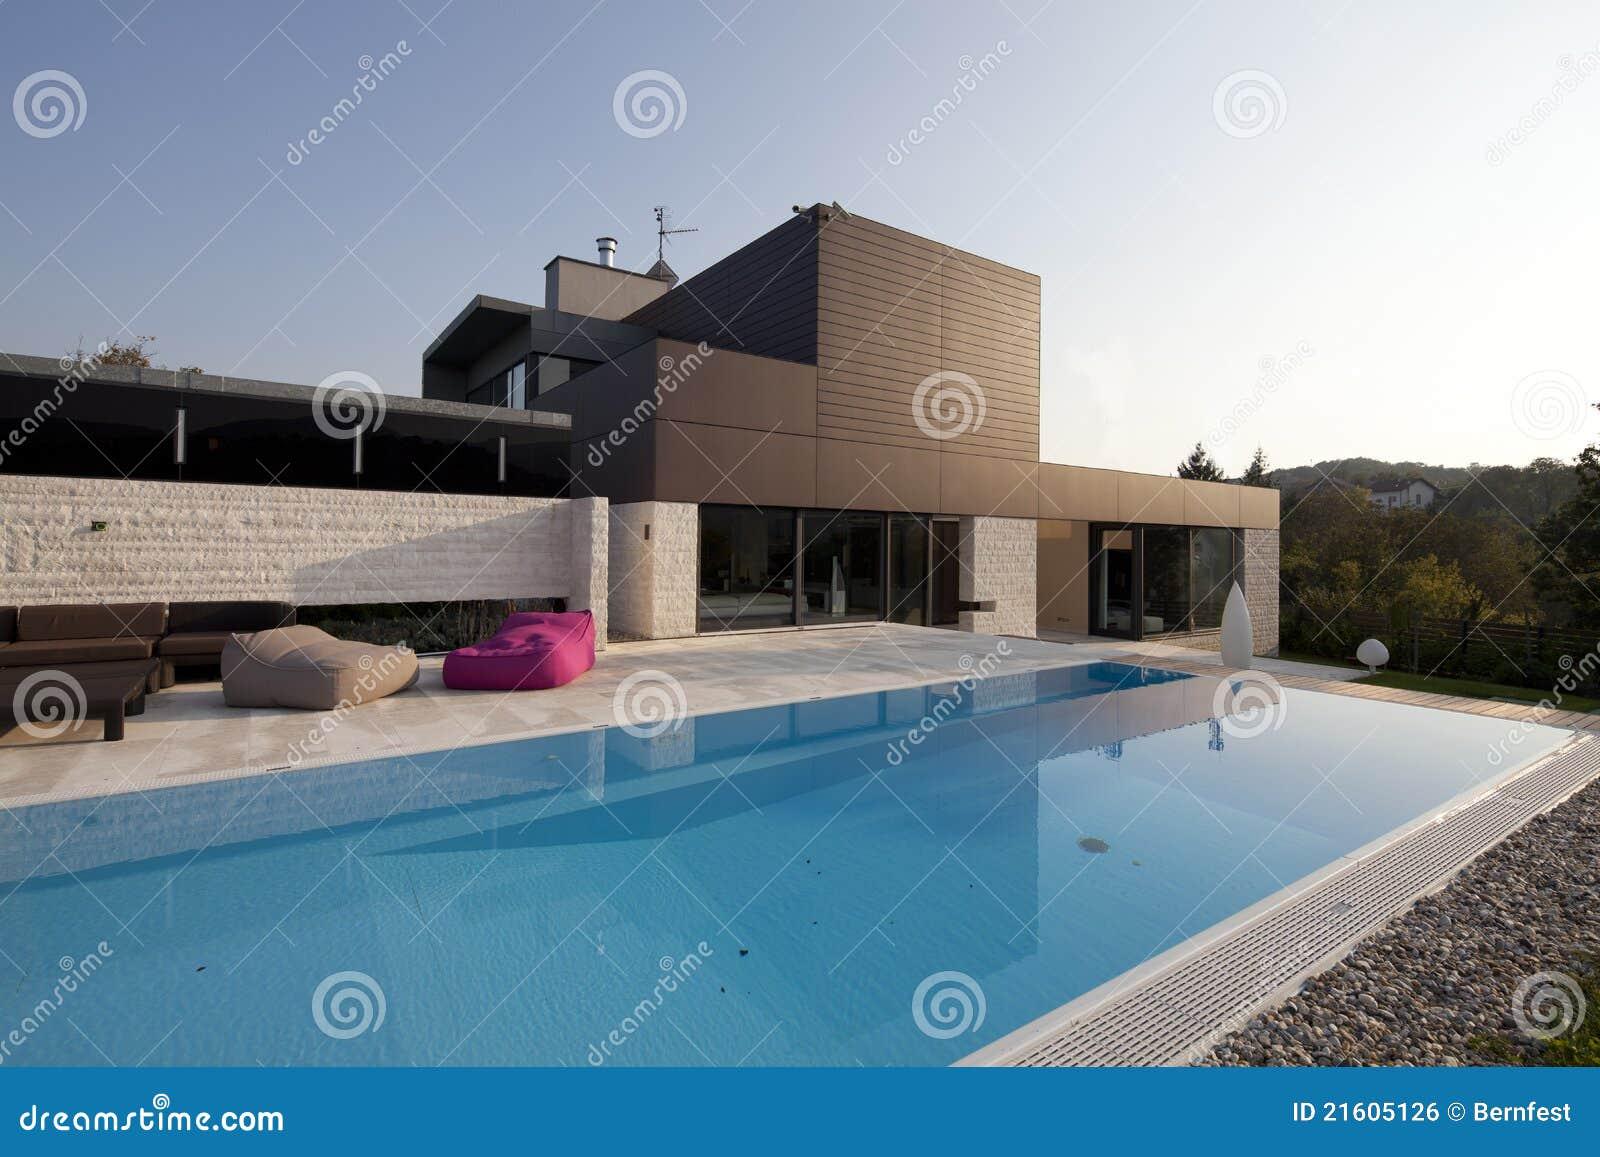 Casa moderna hermosa con la piscina imagen de archivo for Case moderne con piscina